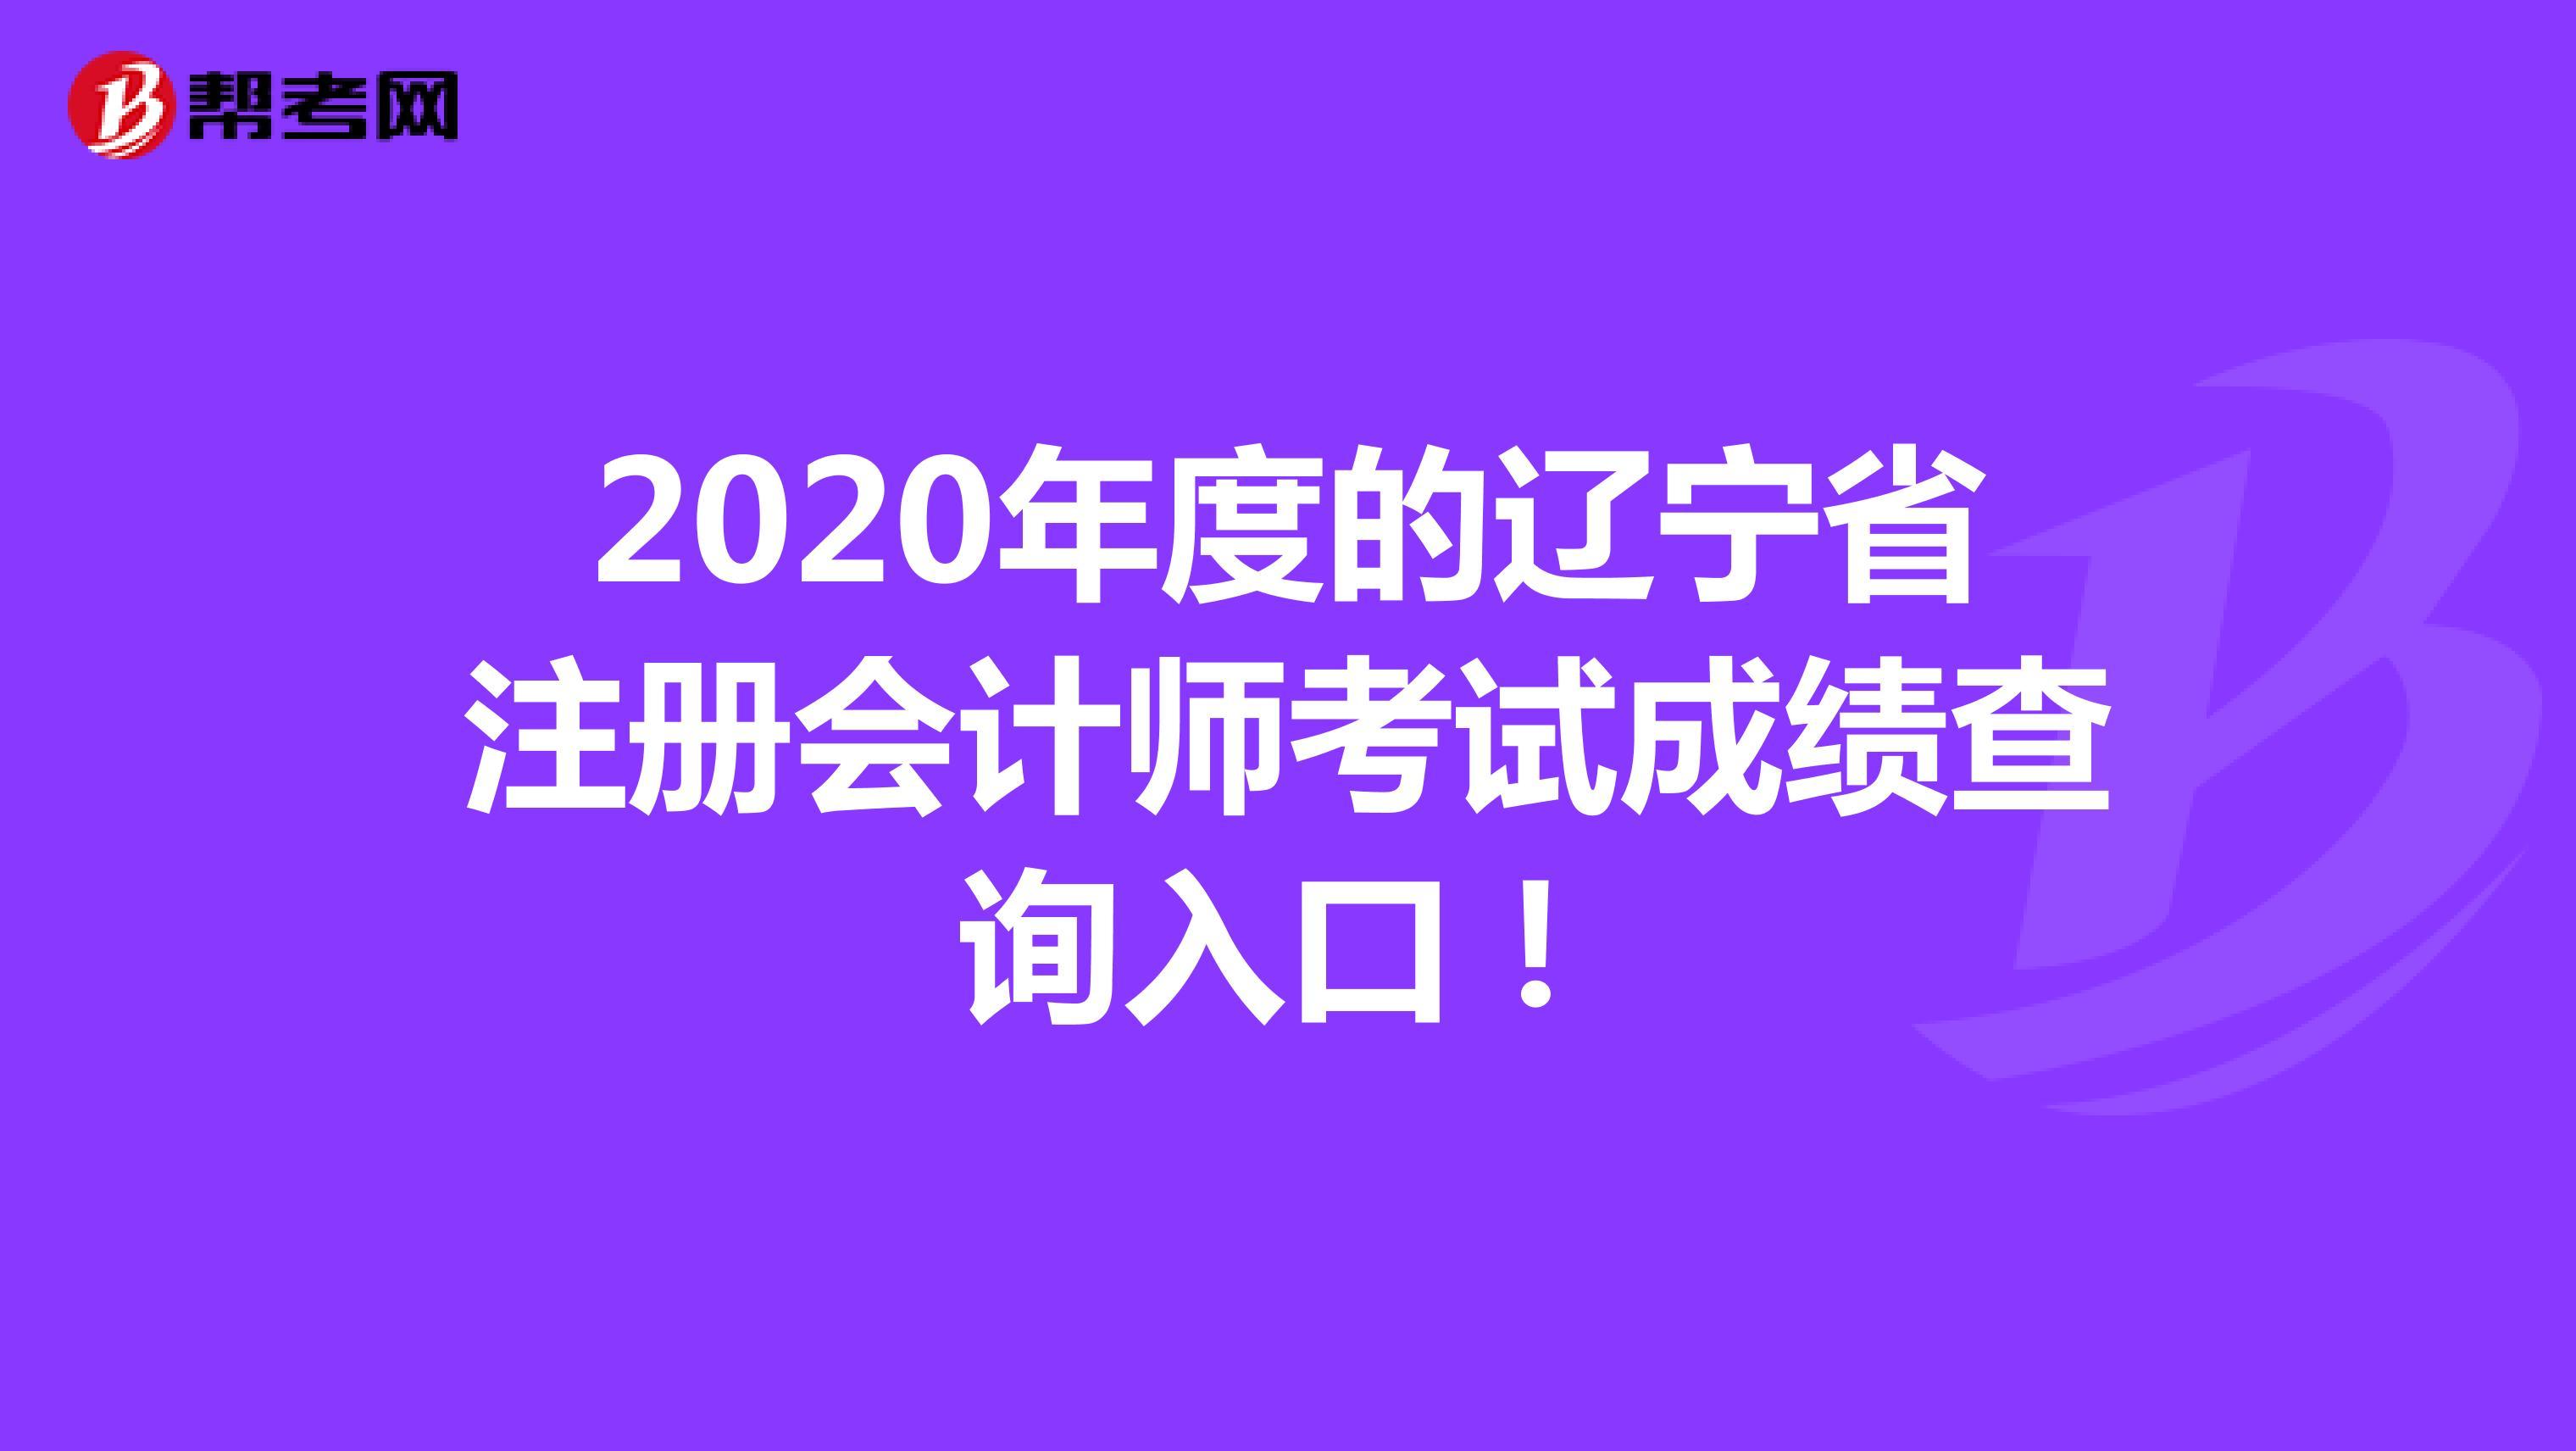 2020年度的遼寧省注冊會計師考試成績查詢入口!